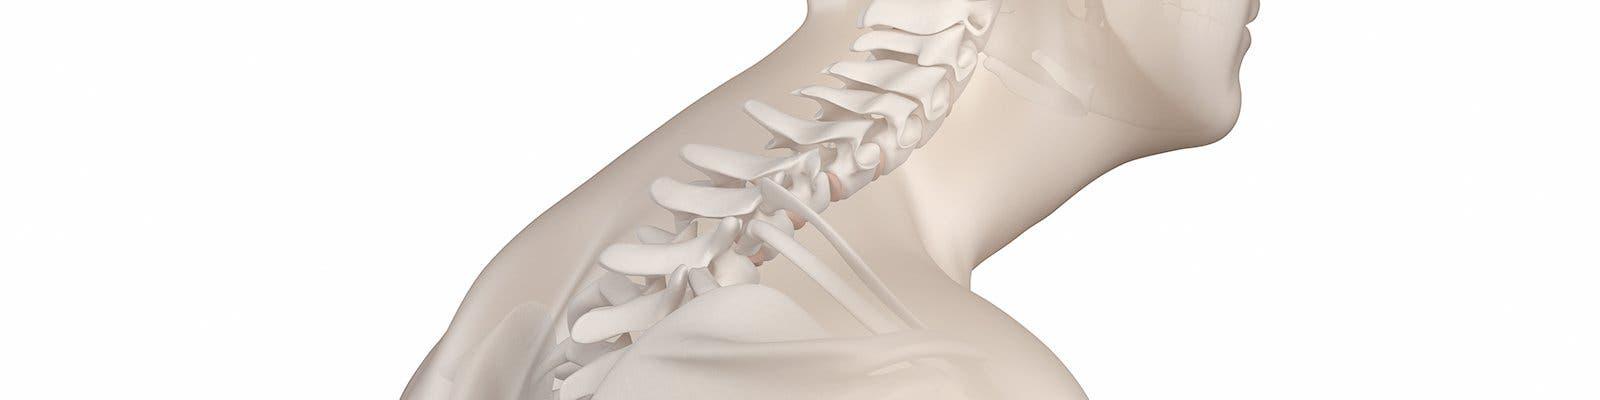 Cifosis dorsal